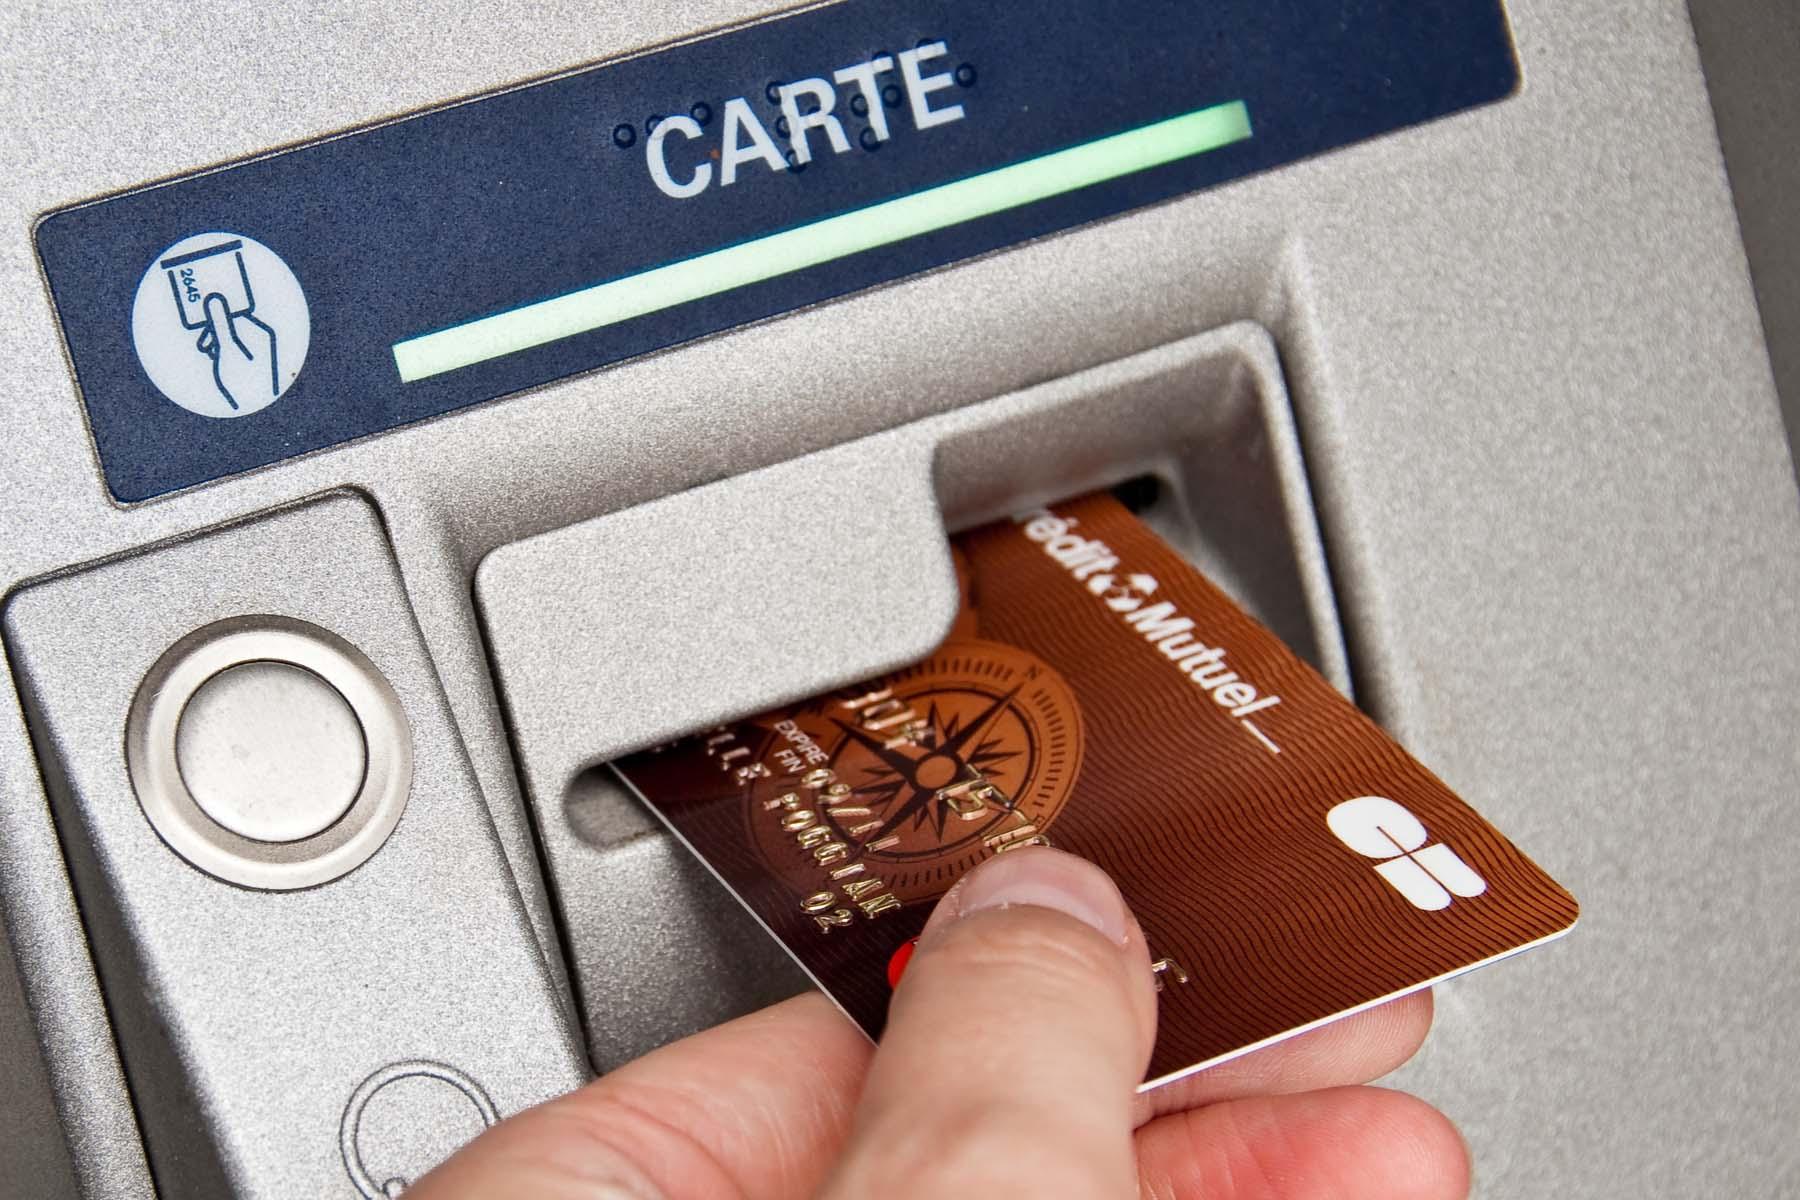 ATM in France